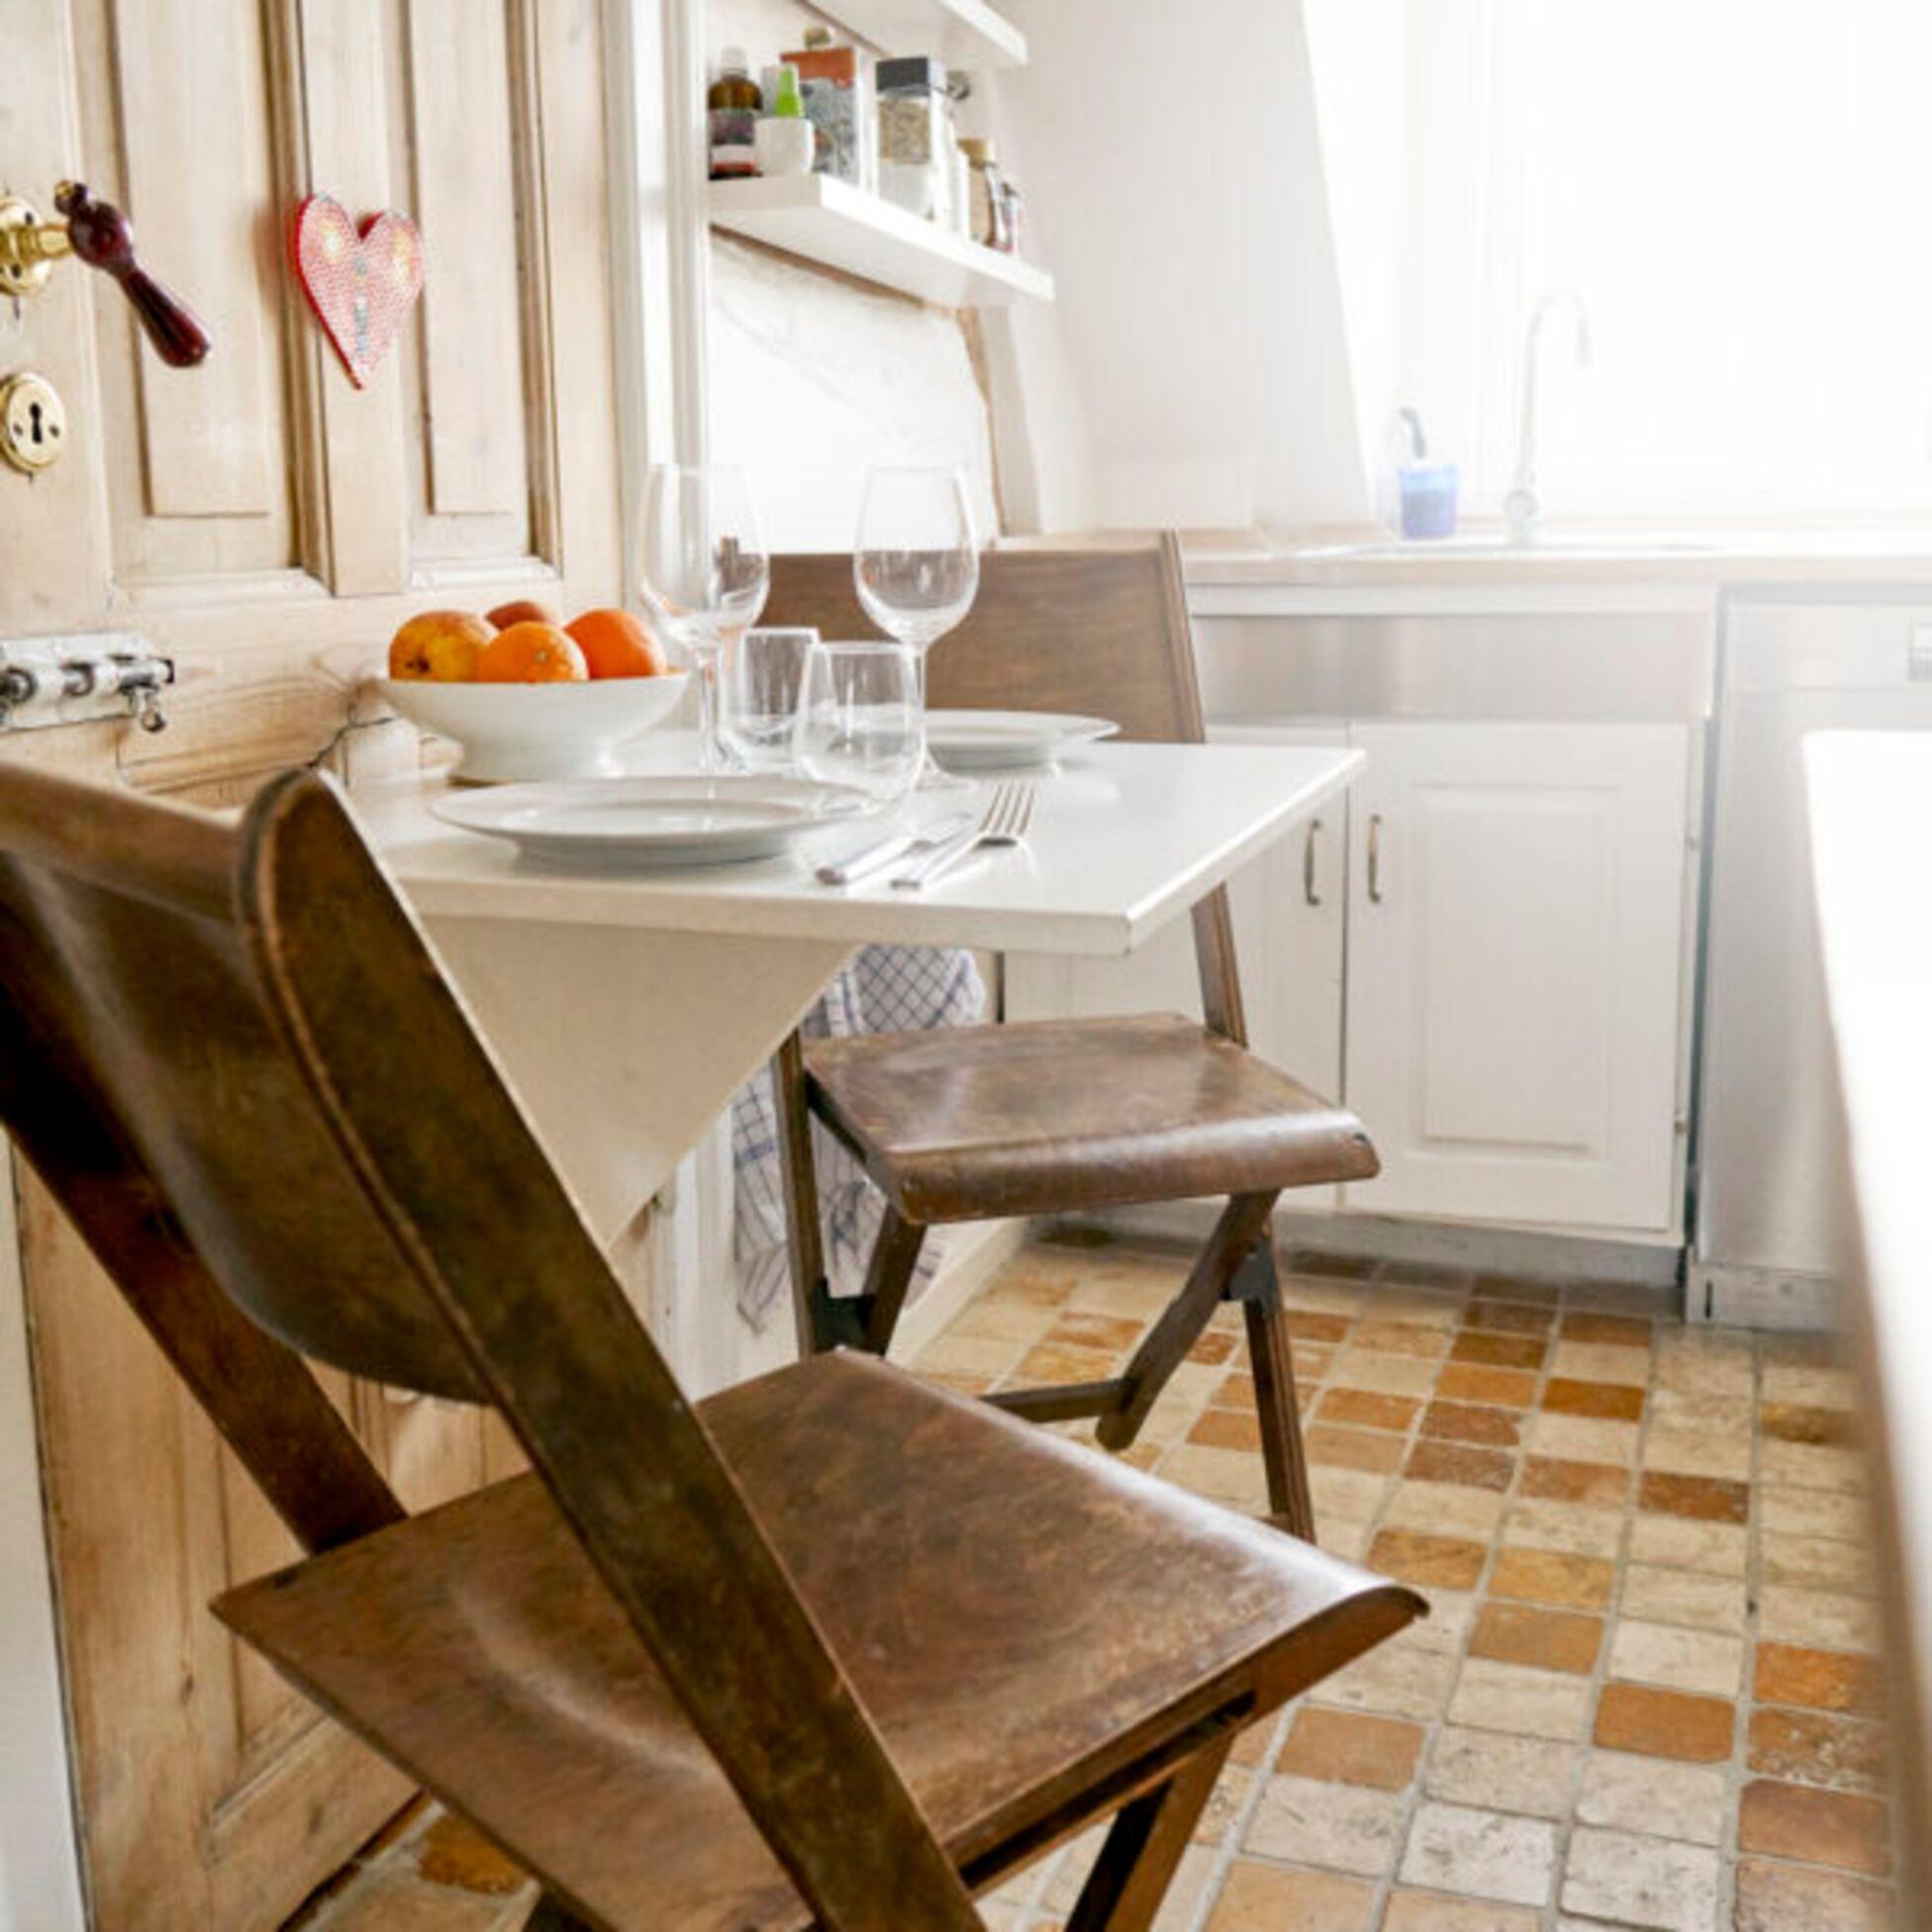 Checkliste Erste Eigene Wohnung Einrichten